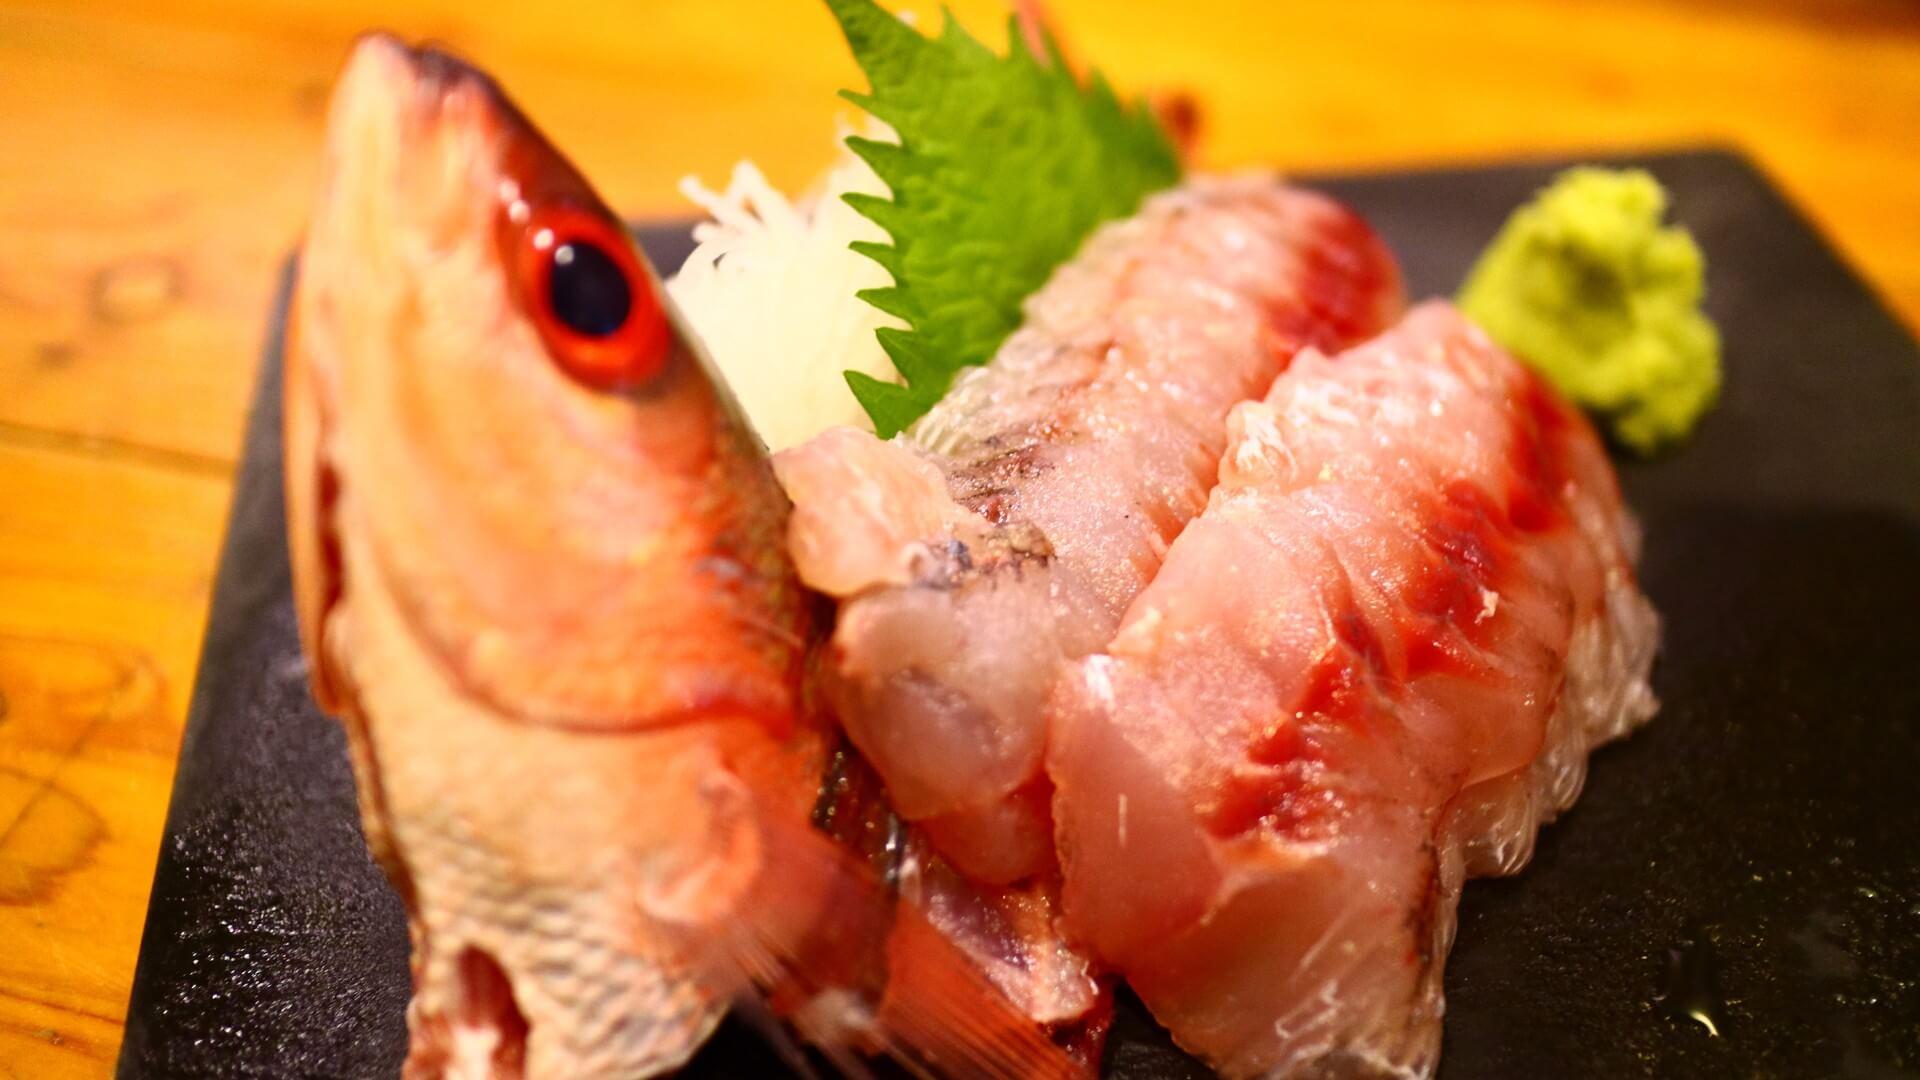 赤ウルメの刺身  | 奄美大島 名瀬【屋仁川】人気の島料理とおすすめ黒糖